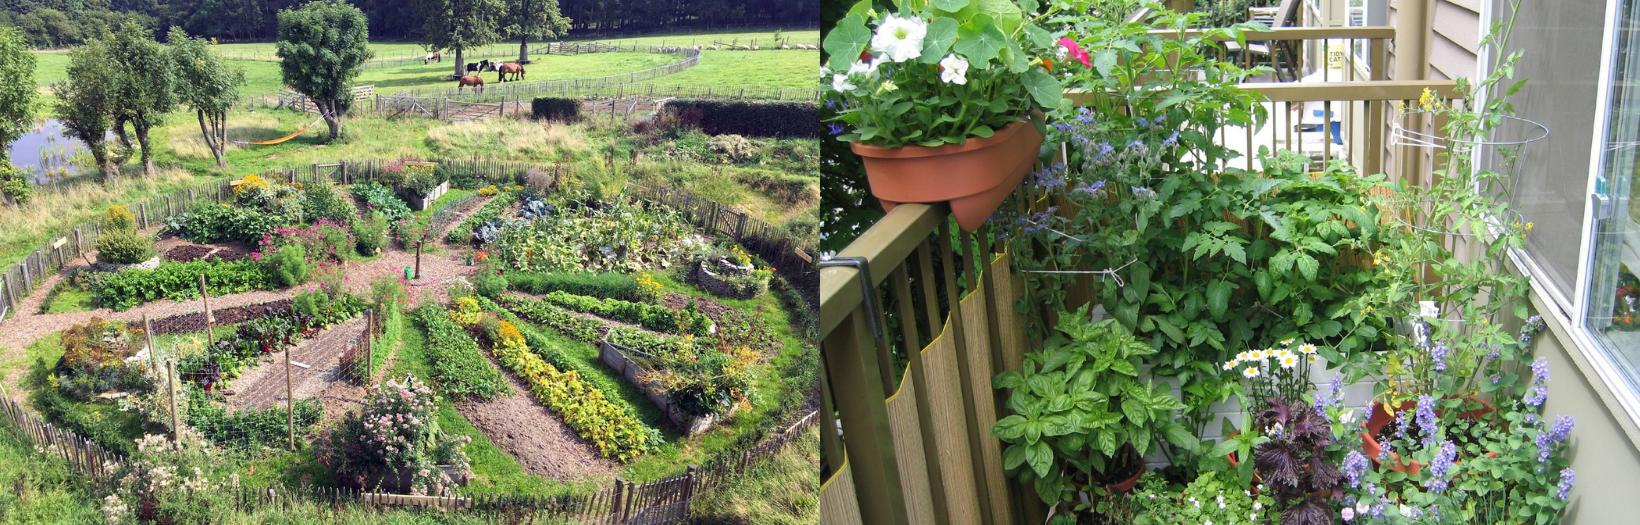 Tout savoir (ou presque) sur la permaculture